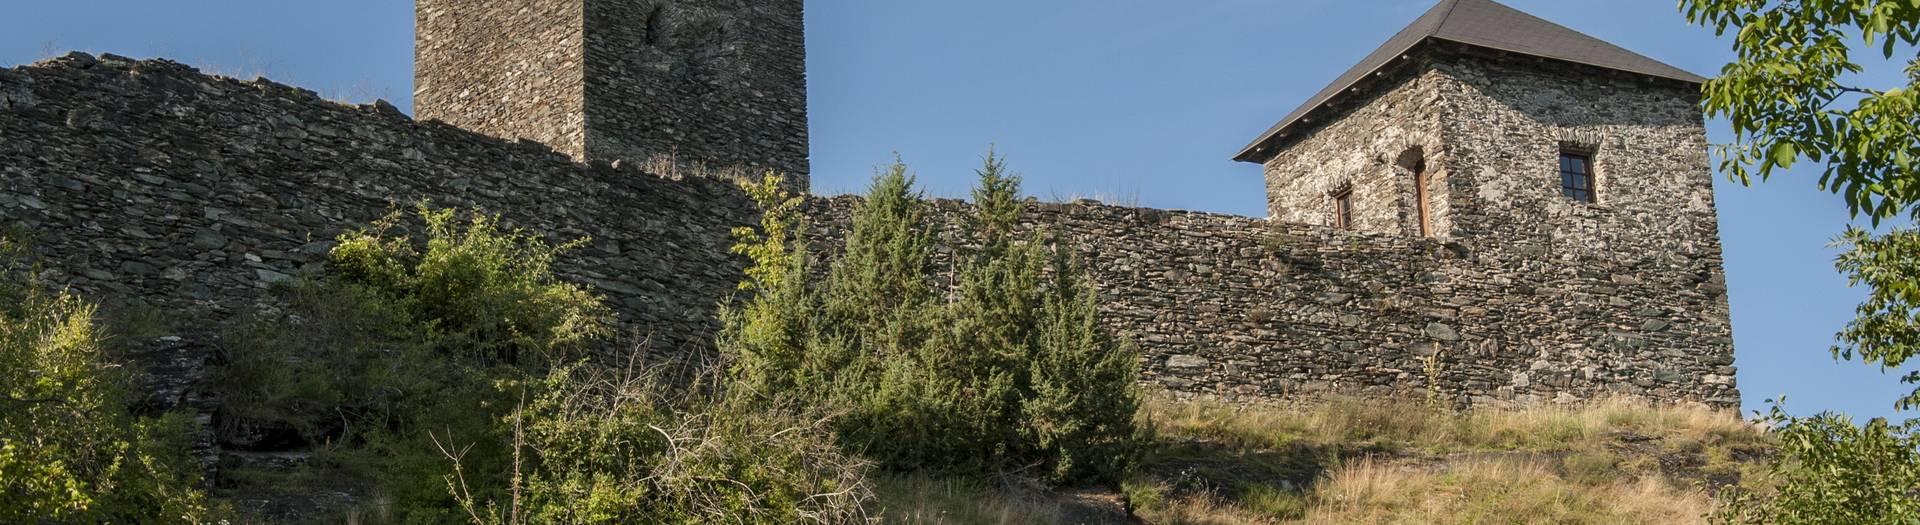 Ruine in Liebenfels